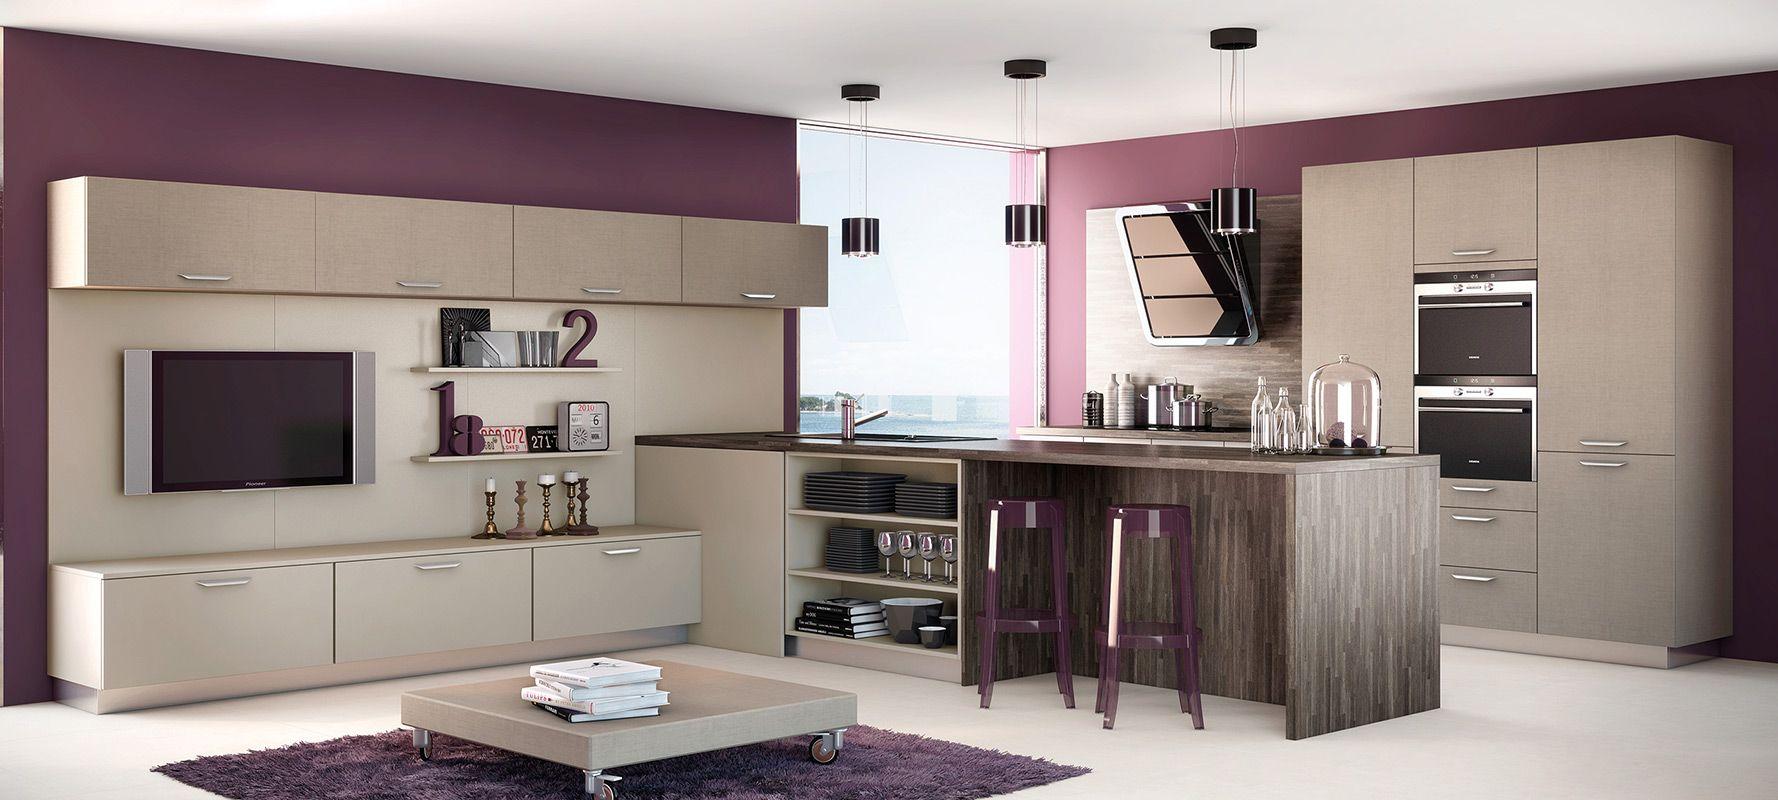 Belle Couleur Cuisine Art Et Bois Agencement De Cuisine  # Meuble Tv Home Cinema Integre Leclerc